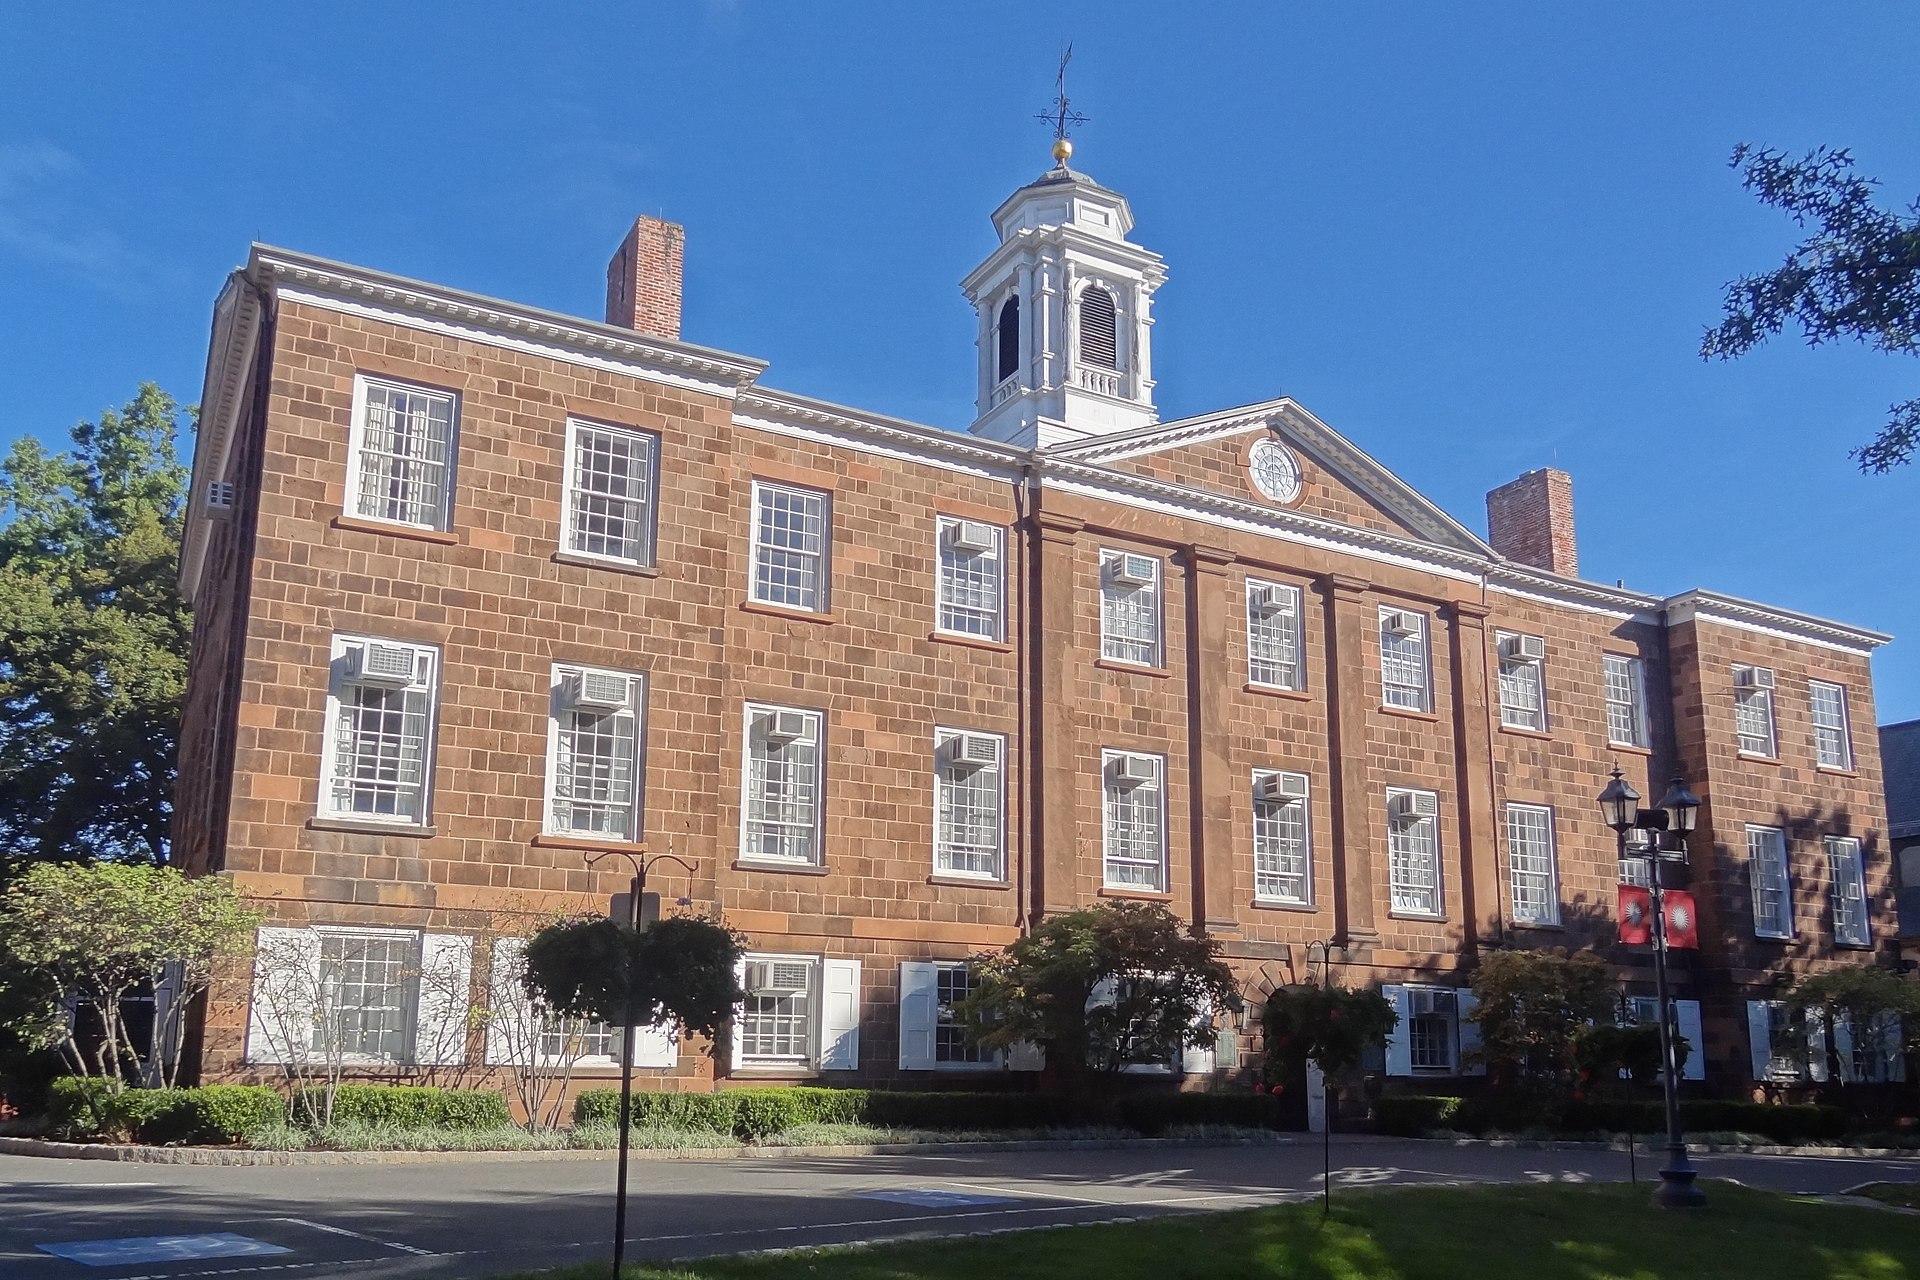 罗格斯大学 - Old Queens on the campus of Rutgers University in New Brunswick, New Jersey. - Rutgers University